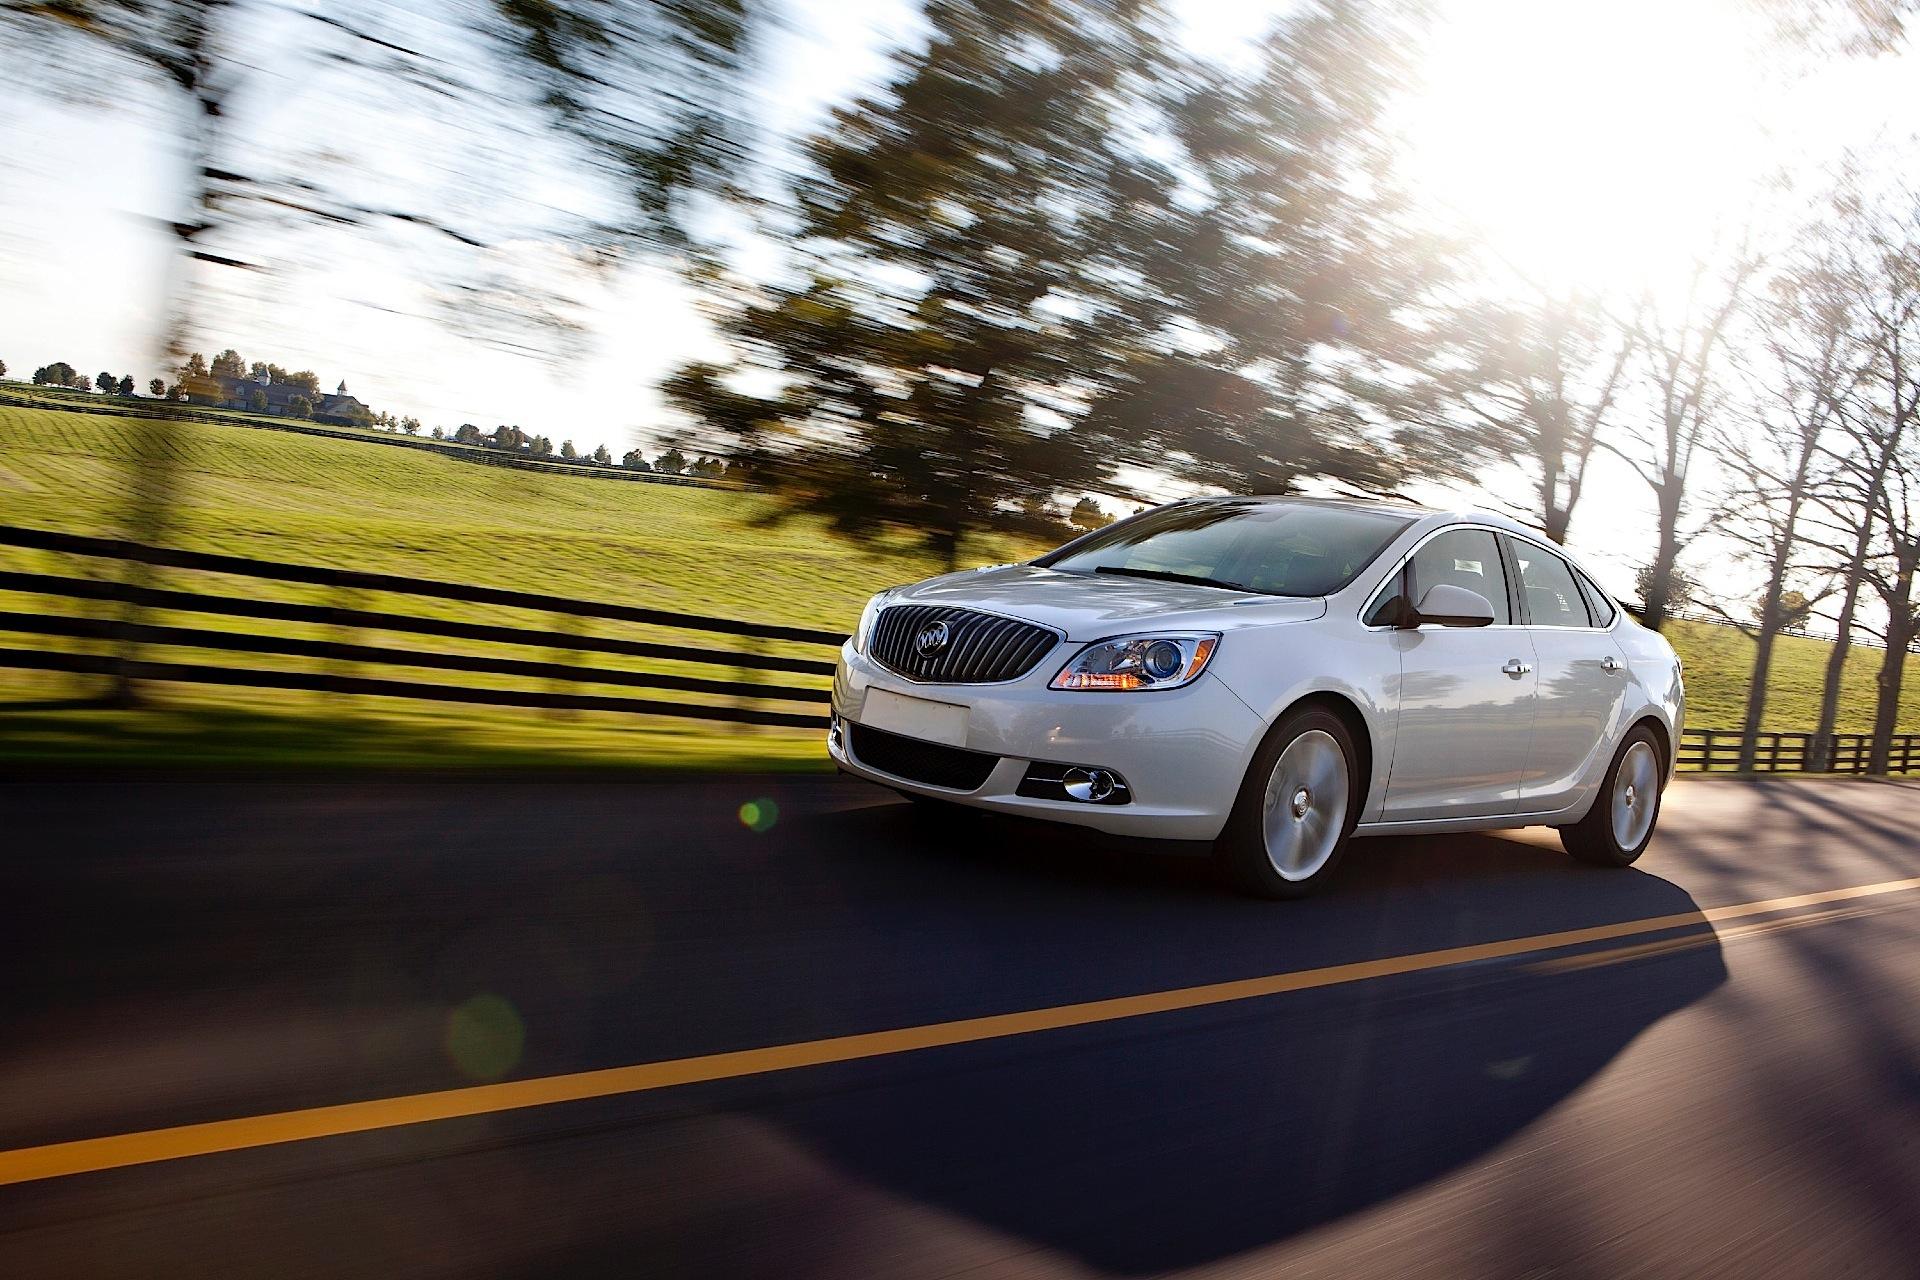 buick car photo s reviews verano review driver original and